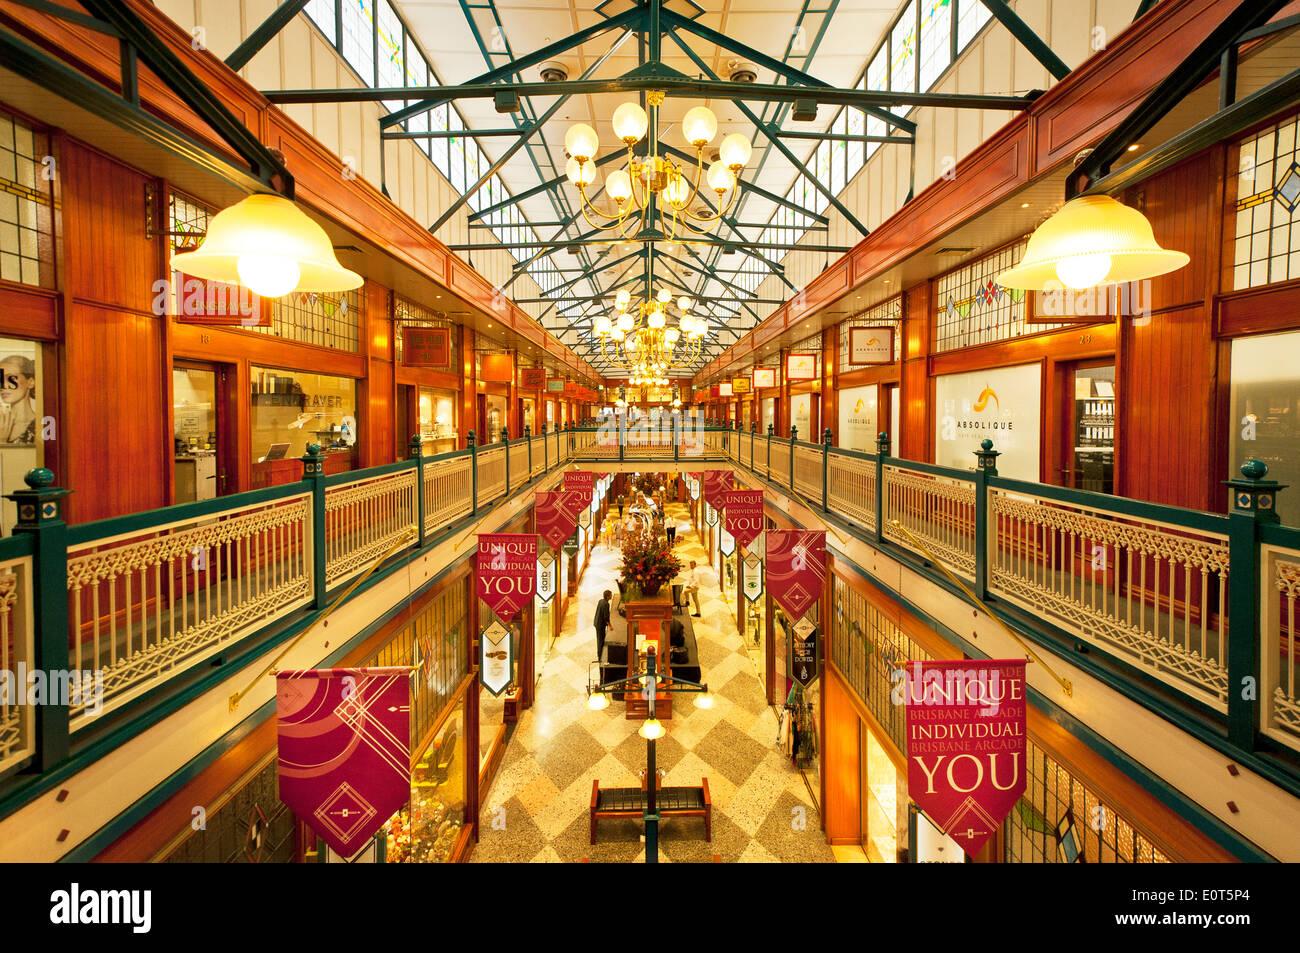 Ver en Queen Street Arcade en Brisbane. Imagen De Stock